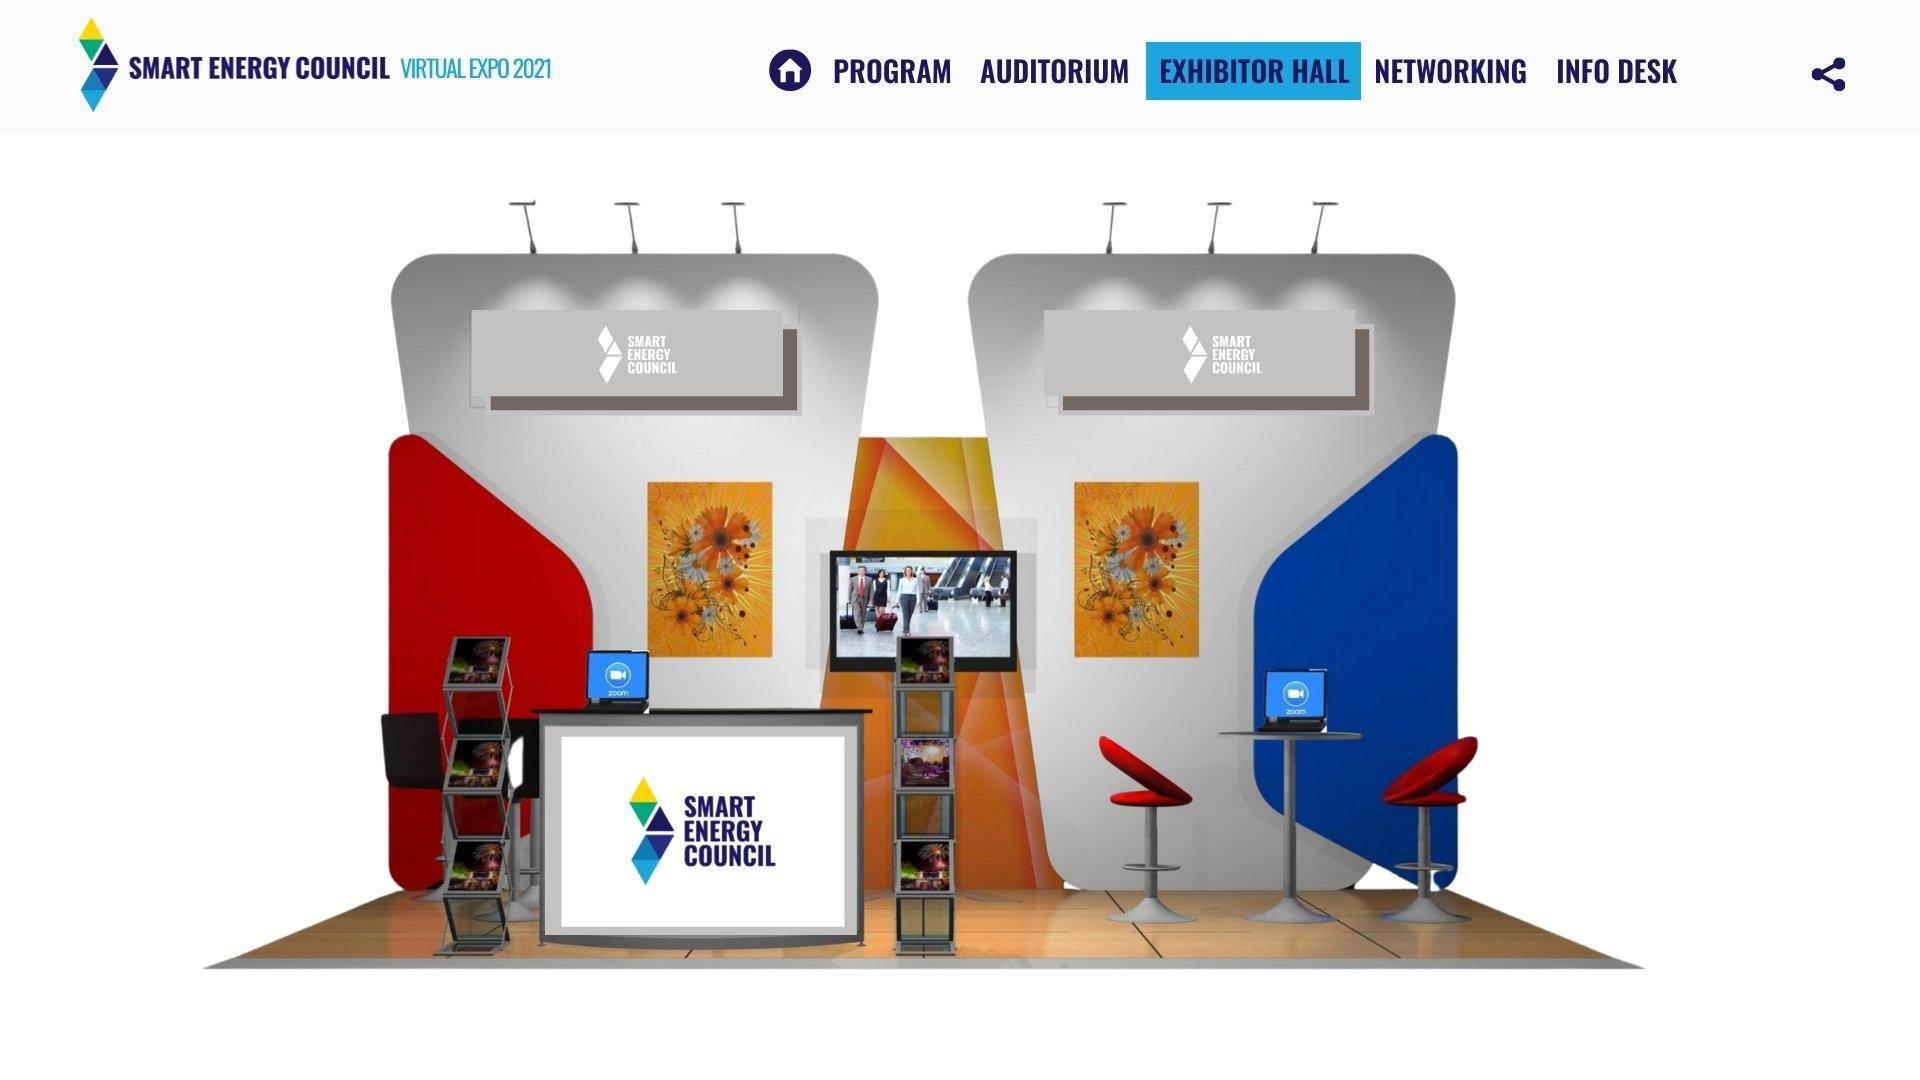 Virtual Expo design 2021